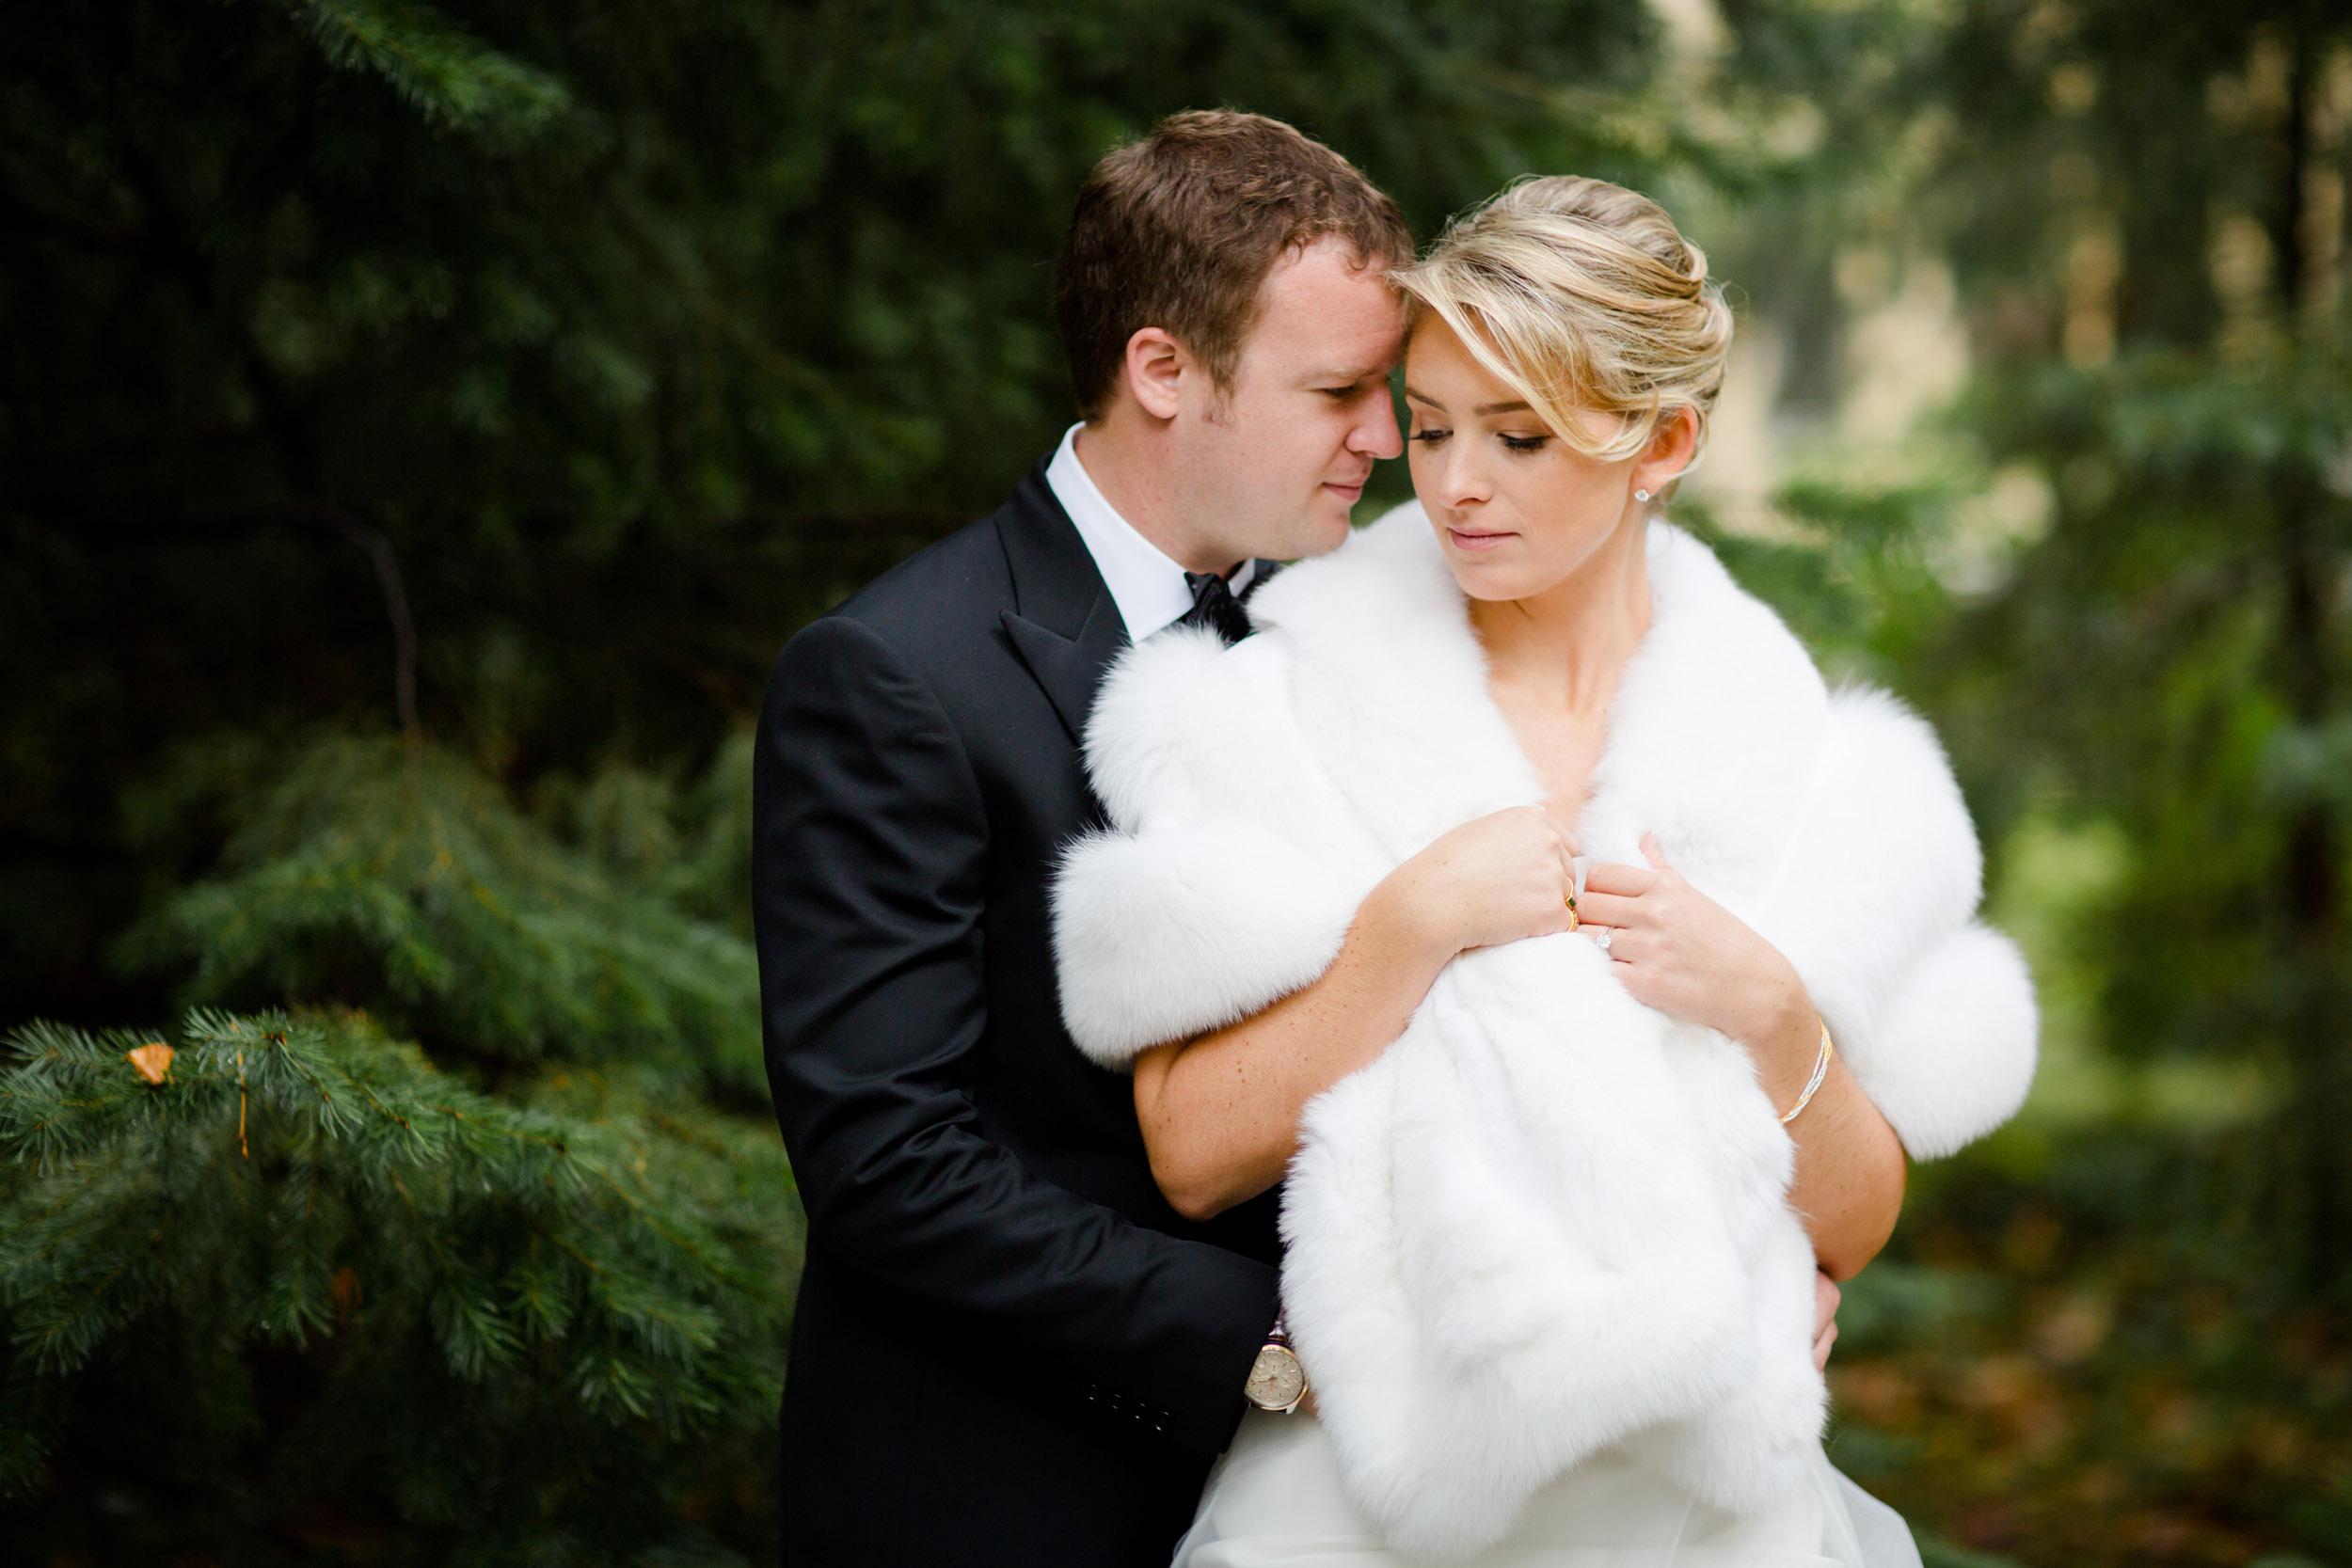 chicago-wedding-photos-studio-this-is-jack-schroeder-67.jpg